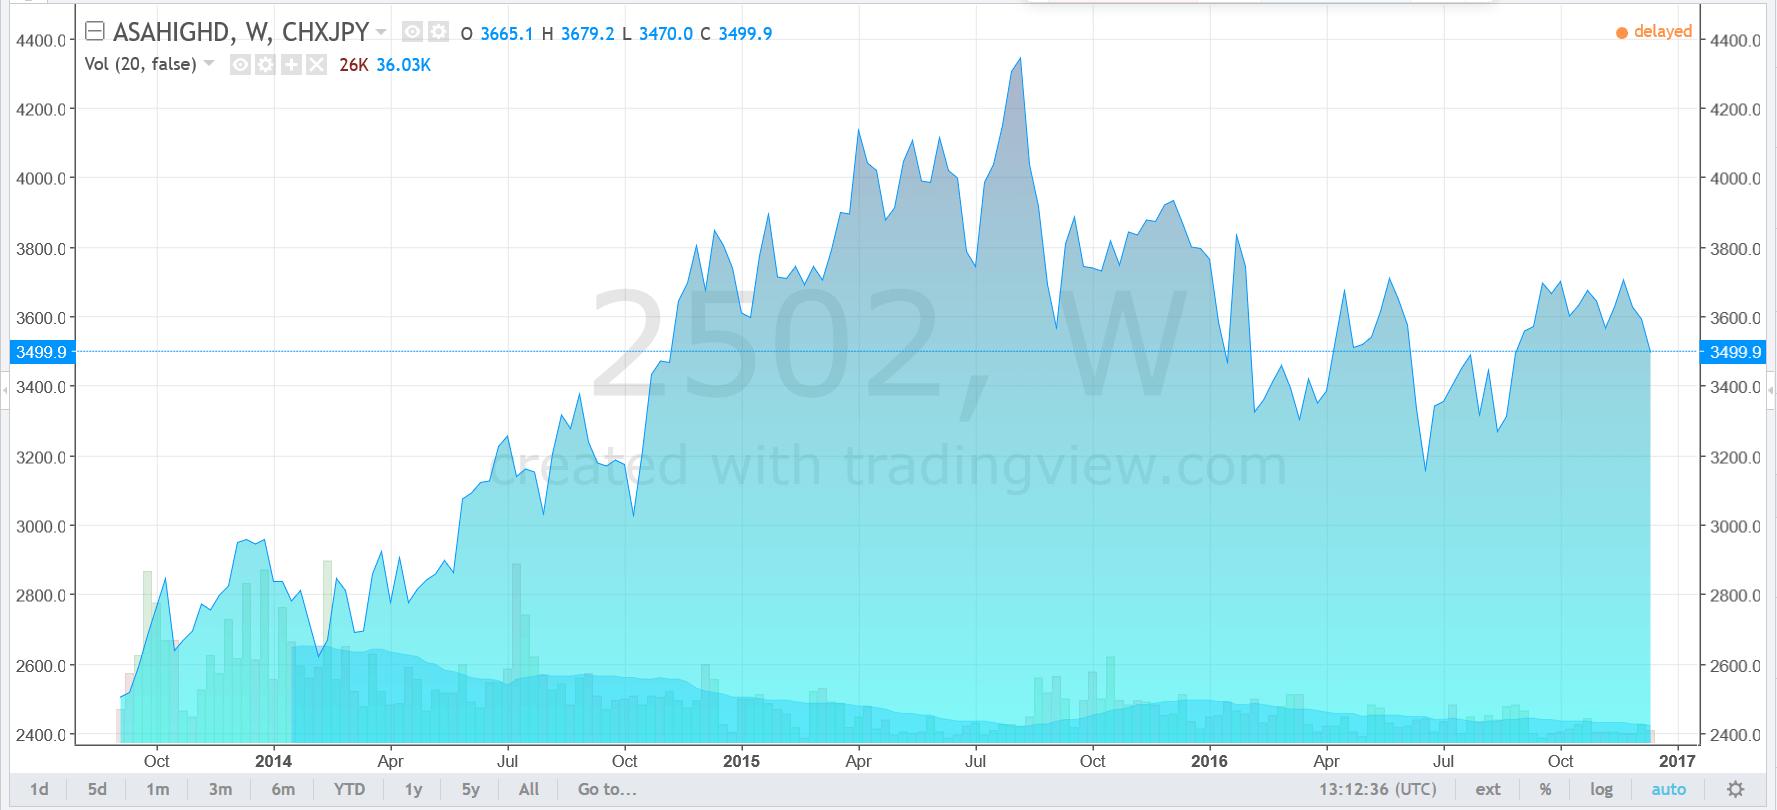 Vývoj akcií japonské firmy Asahi za poslední 3 roky (v JPY). Zdroj: tradingview.com